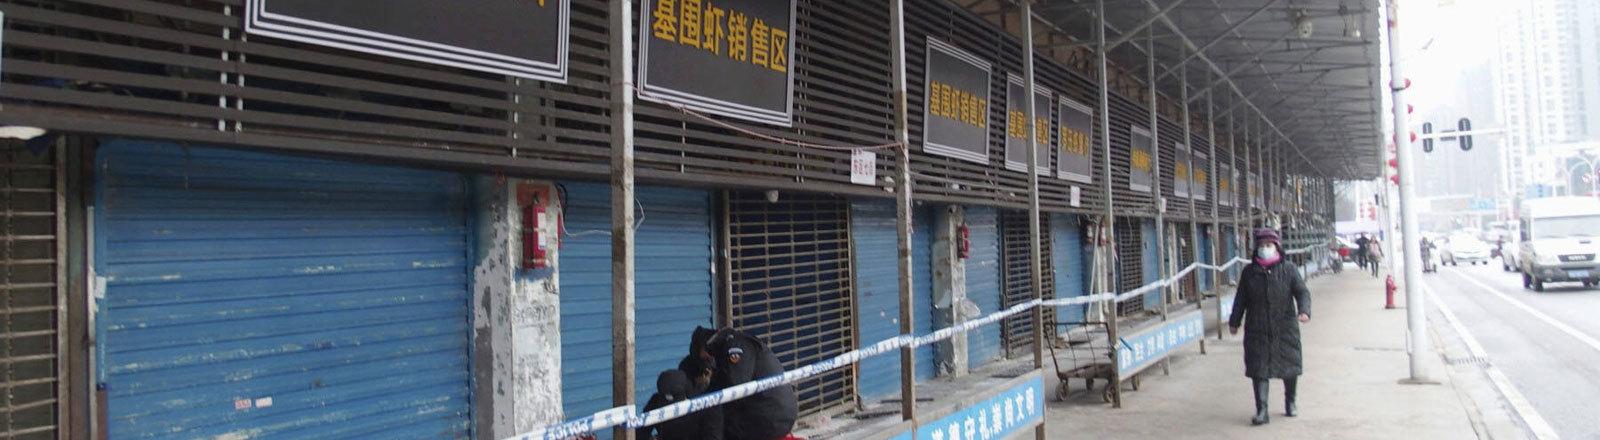 Stadt Wuhan in China nach Corona-Virus